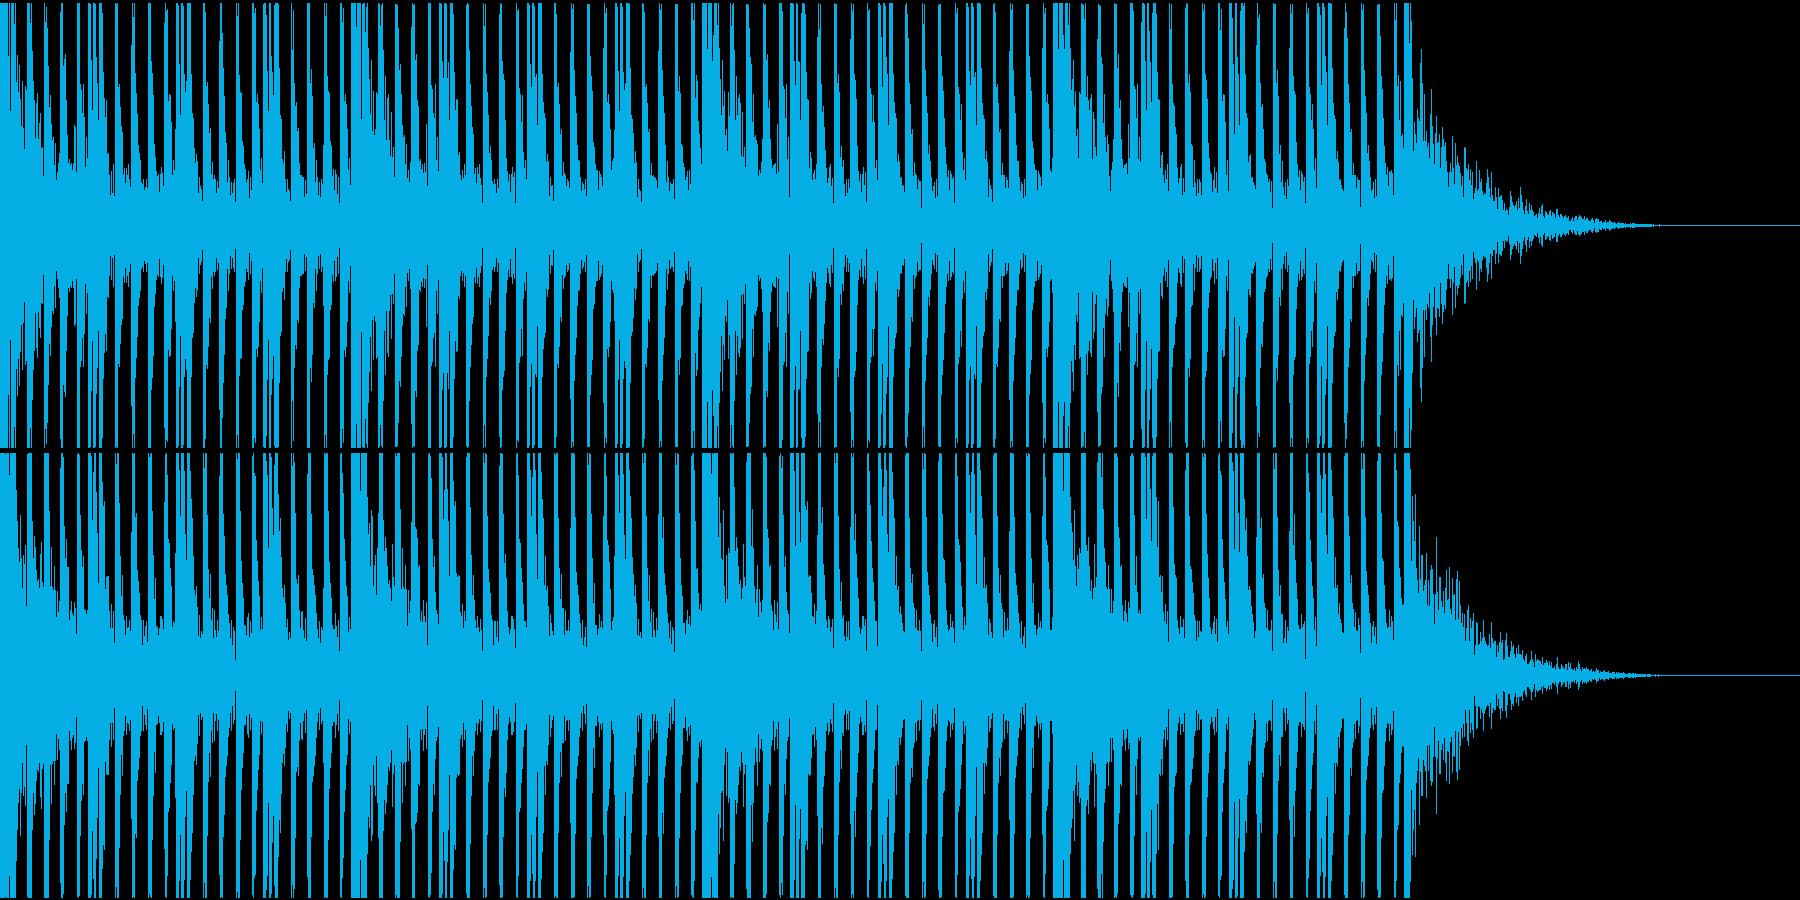 大作映画の予告編的な打楽器リズム2の再生済みの波形